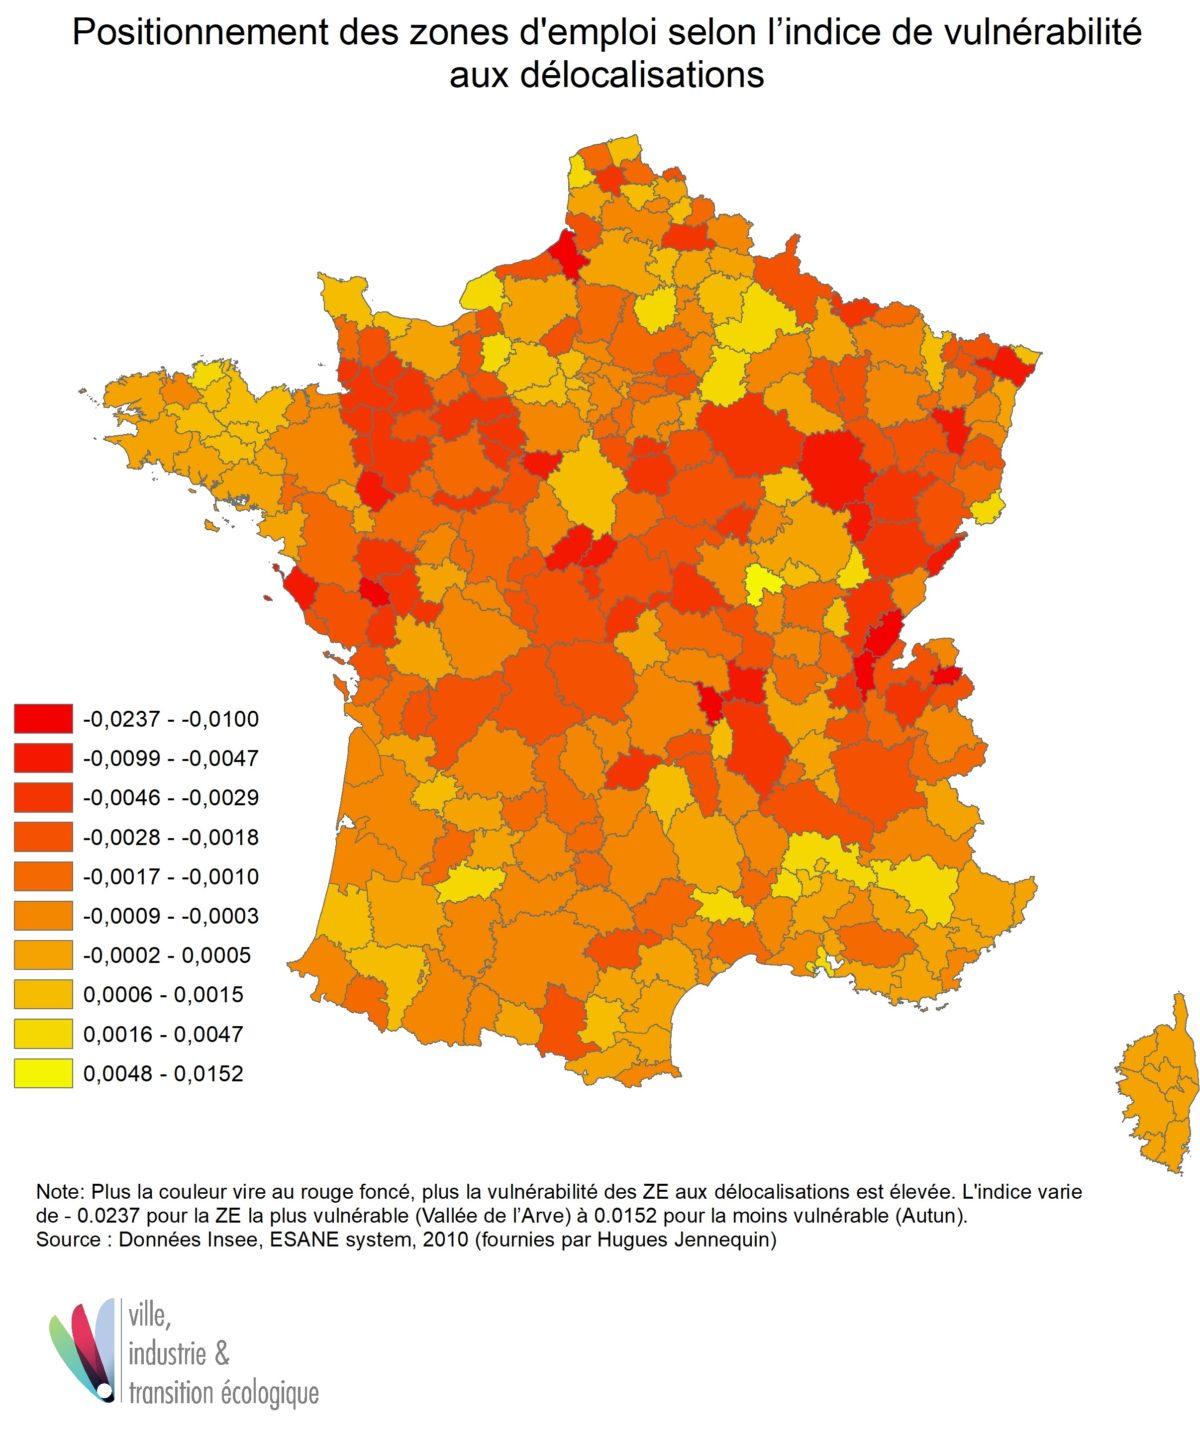 Positionnement des zones d'emploi selon l'indice de vulnérabilité aux délocalisations